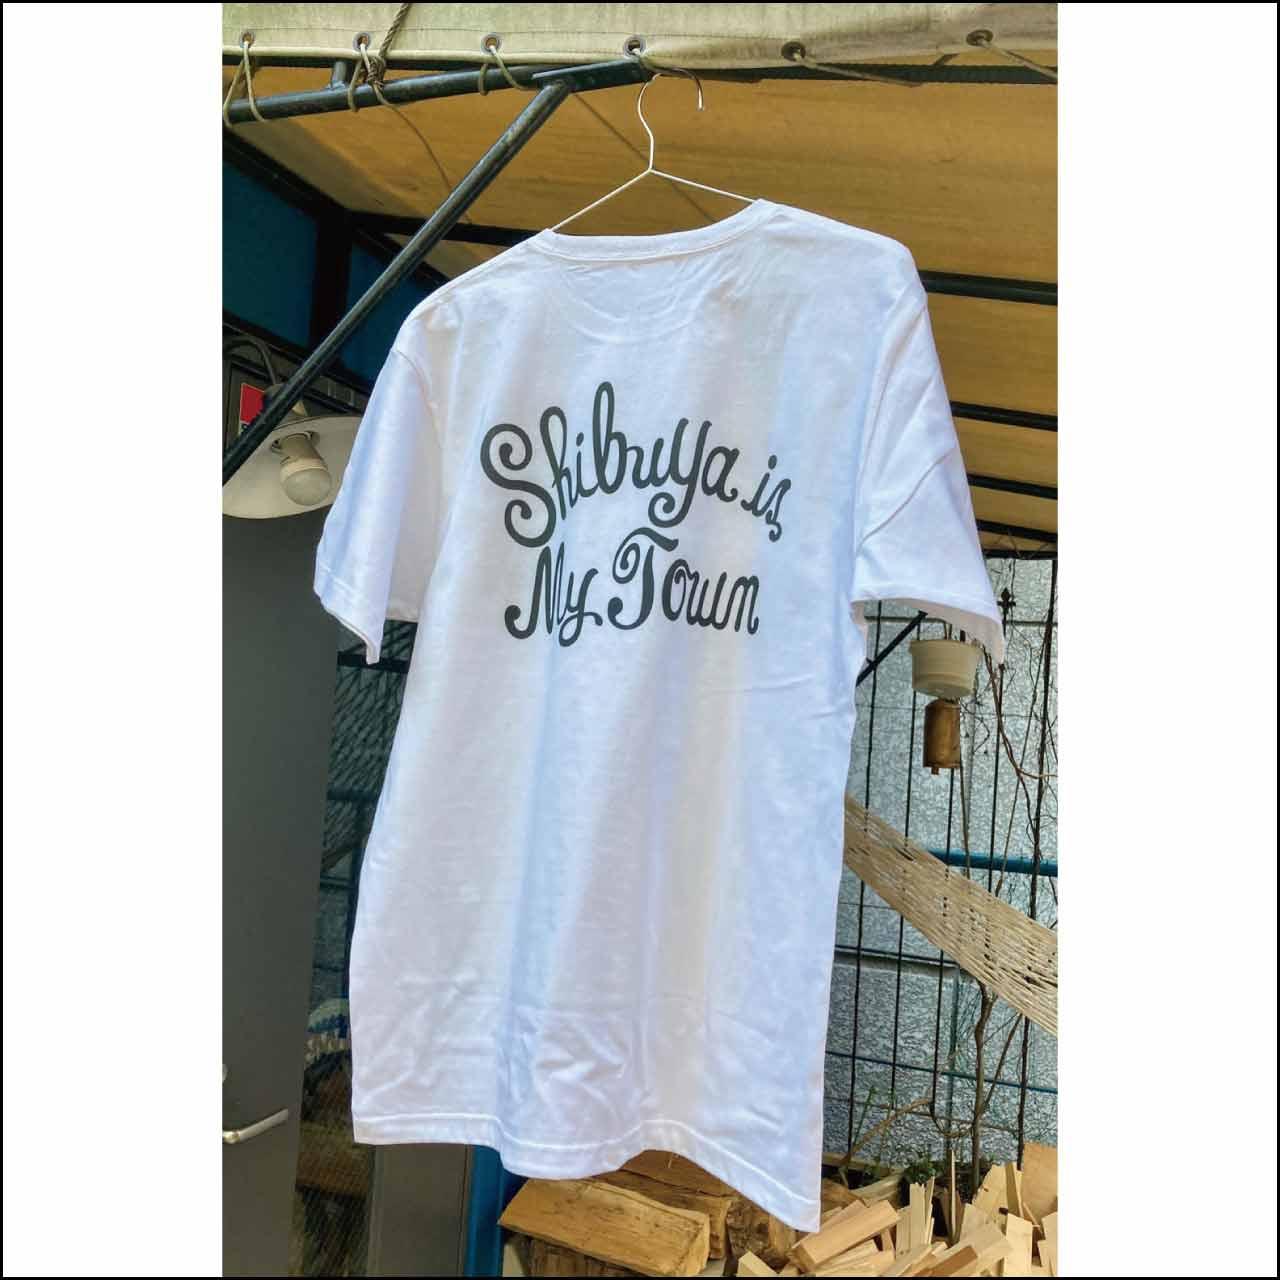 酒喰 とりしょう×Shibuya is my town レペゼンTシャツ